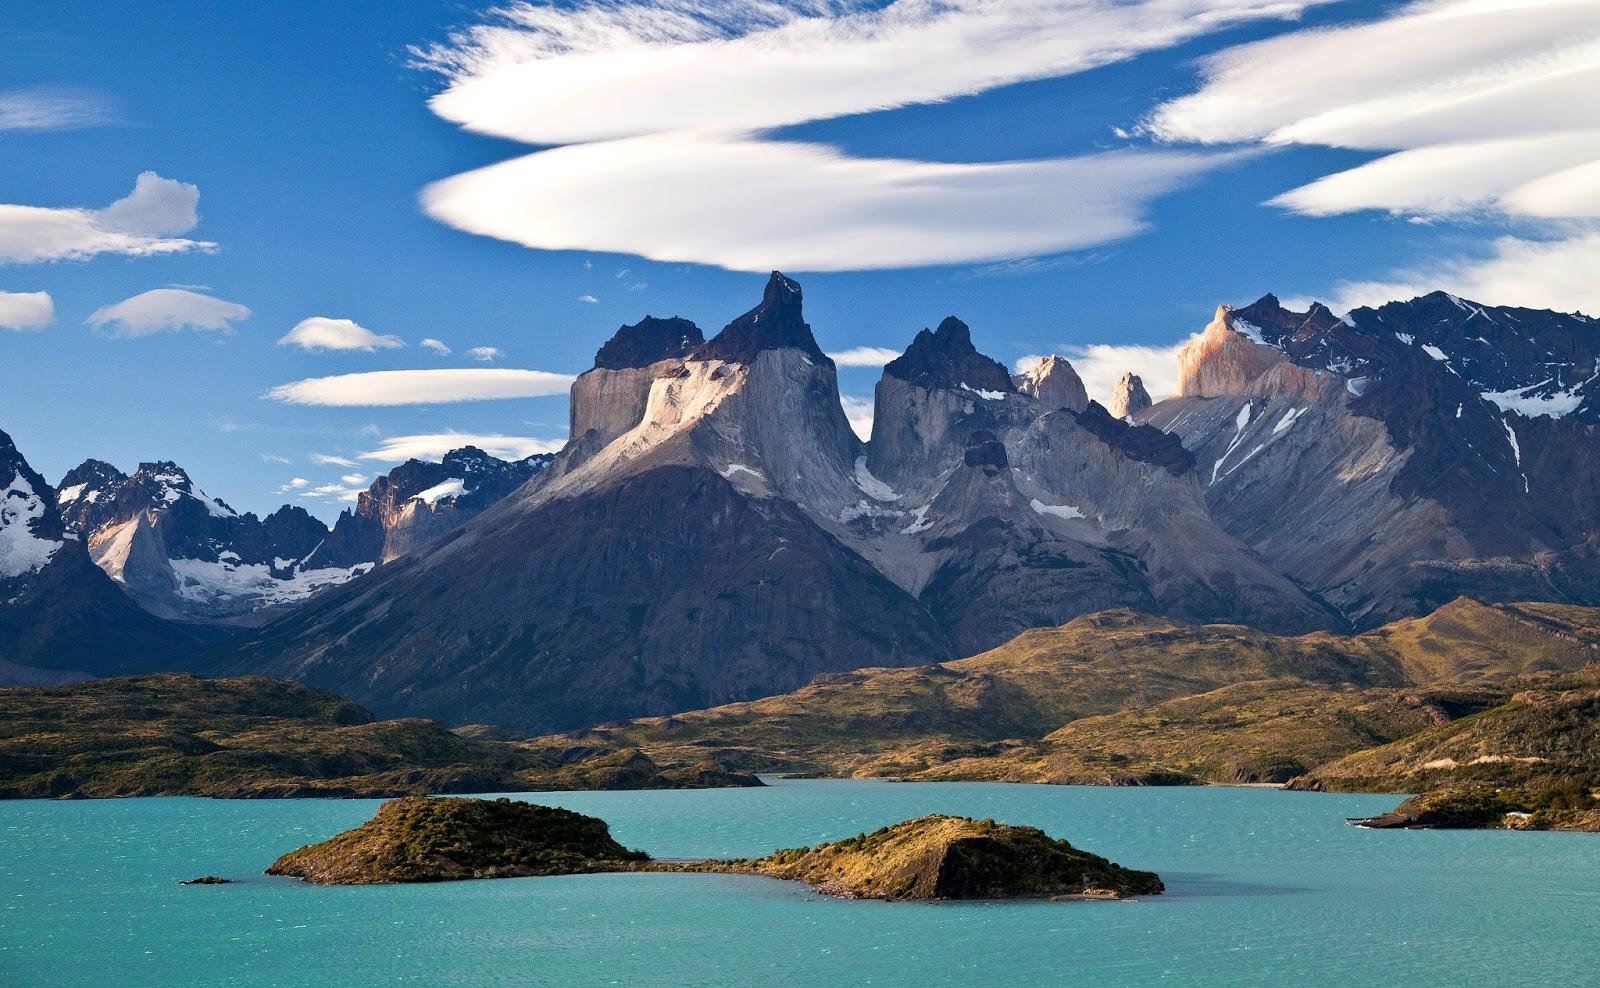 chile - photo #11